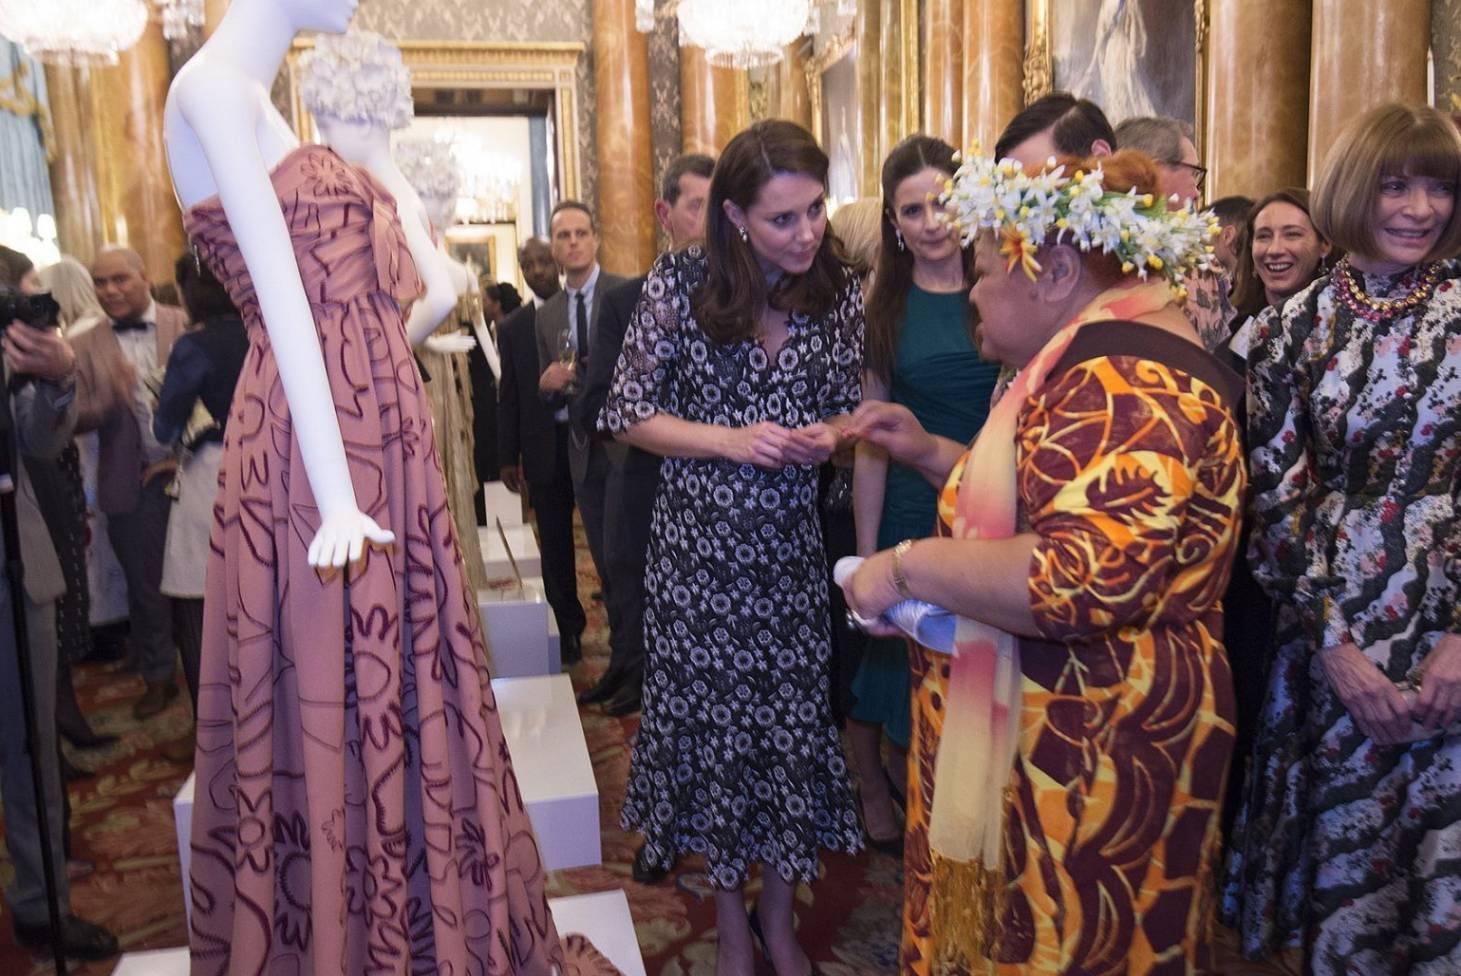 5588e9f5012 Karen Walker and Cook Islands artisan meet the Duchess of Cambridge and  Anna Wintour